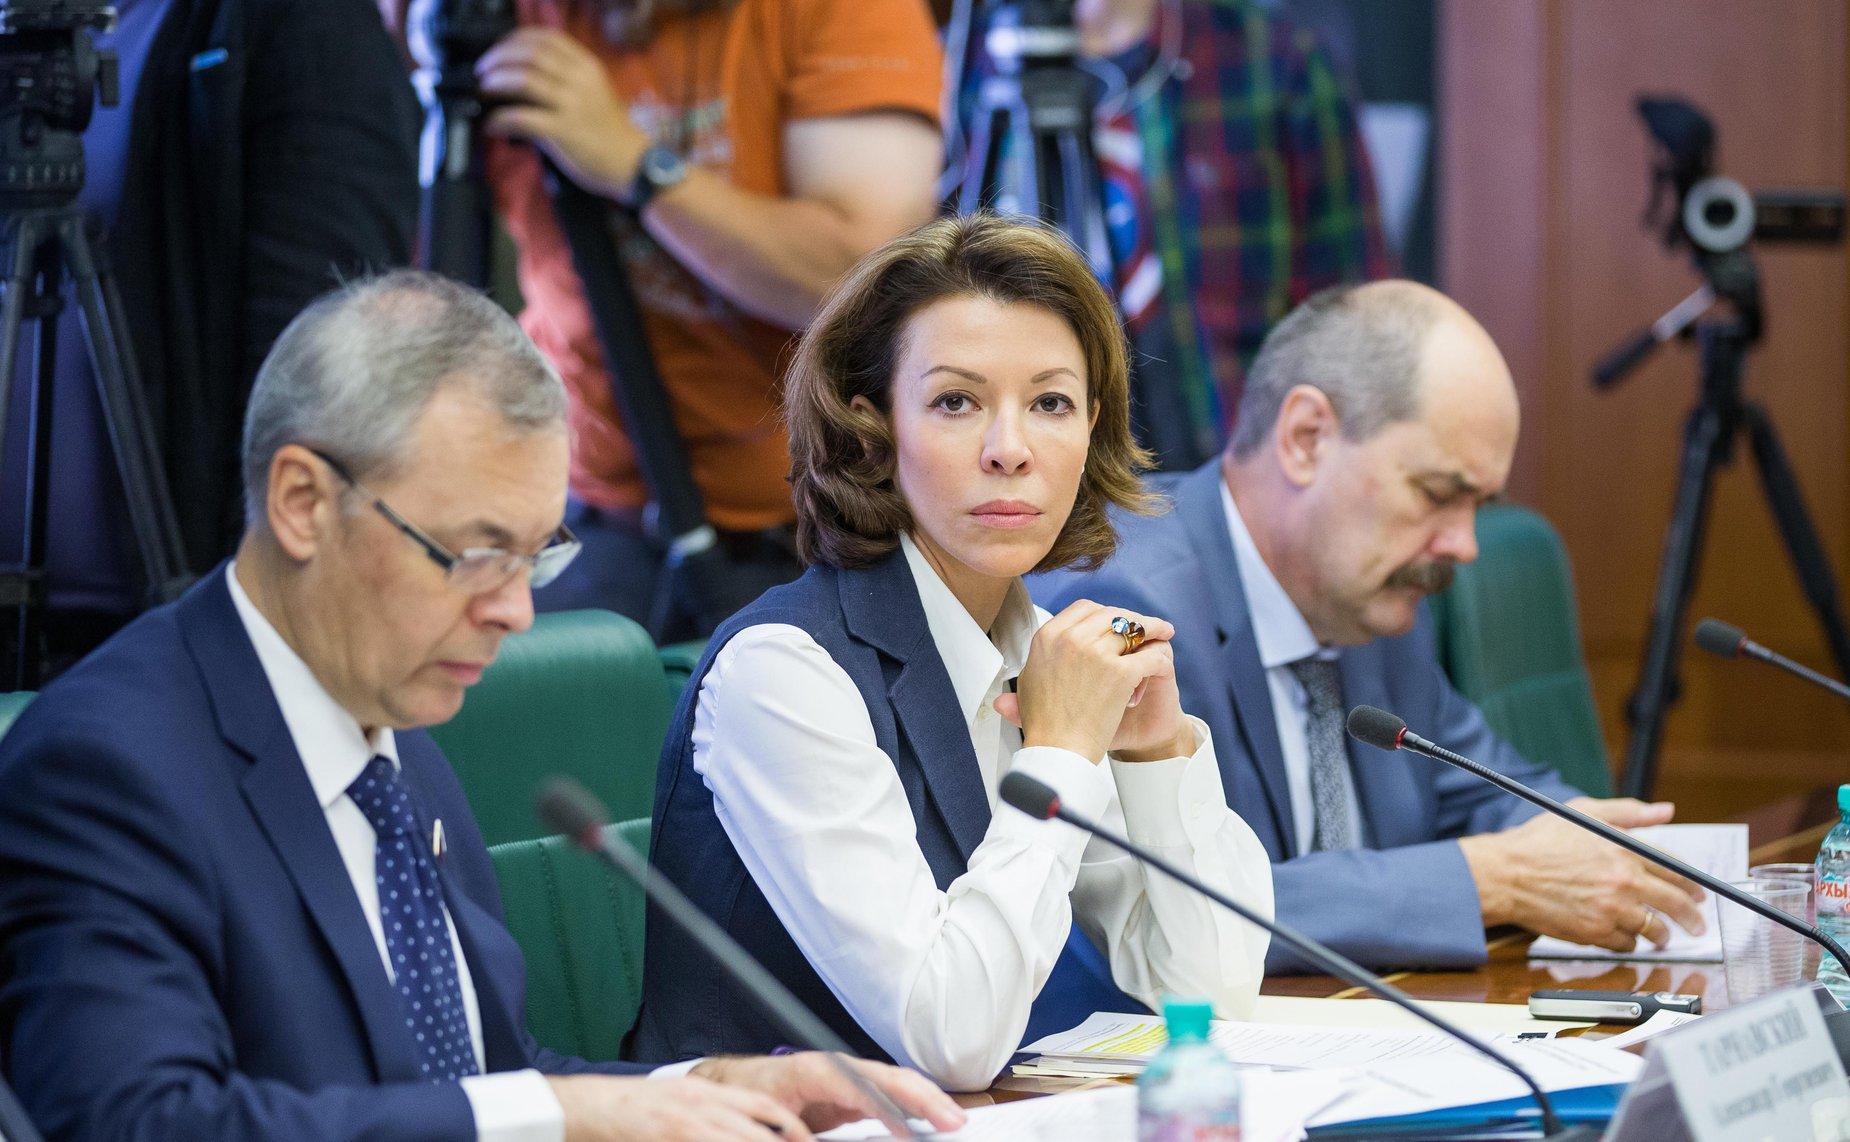 kolichestvo-chlenov-soveta-federatsii